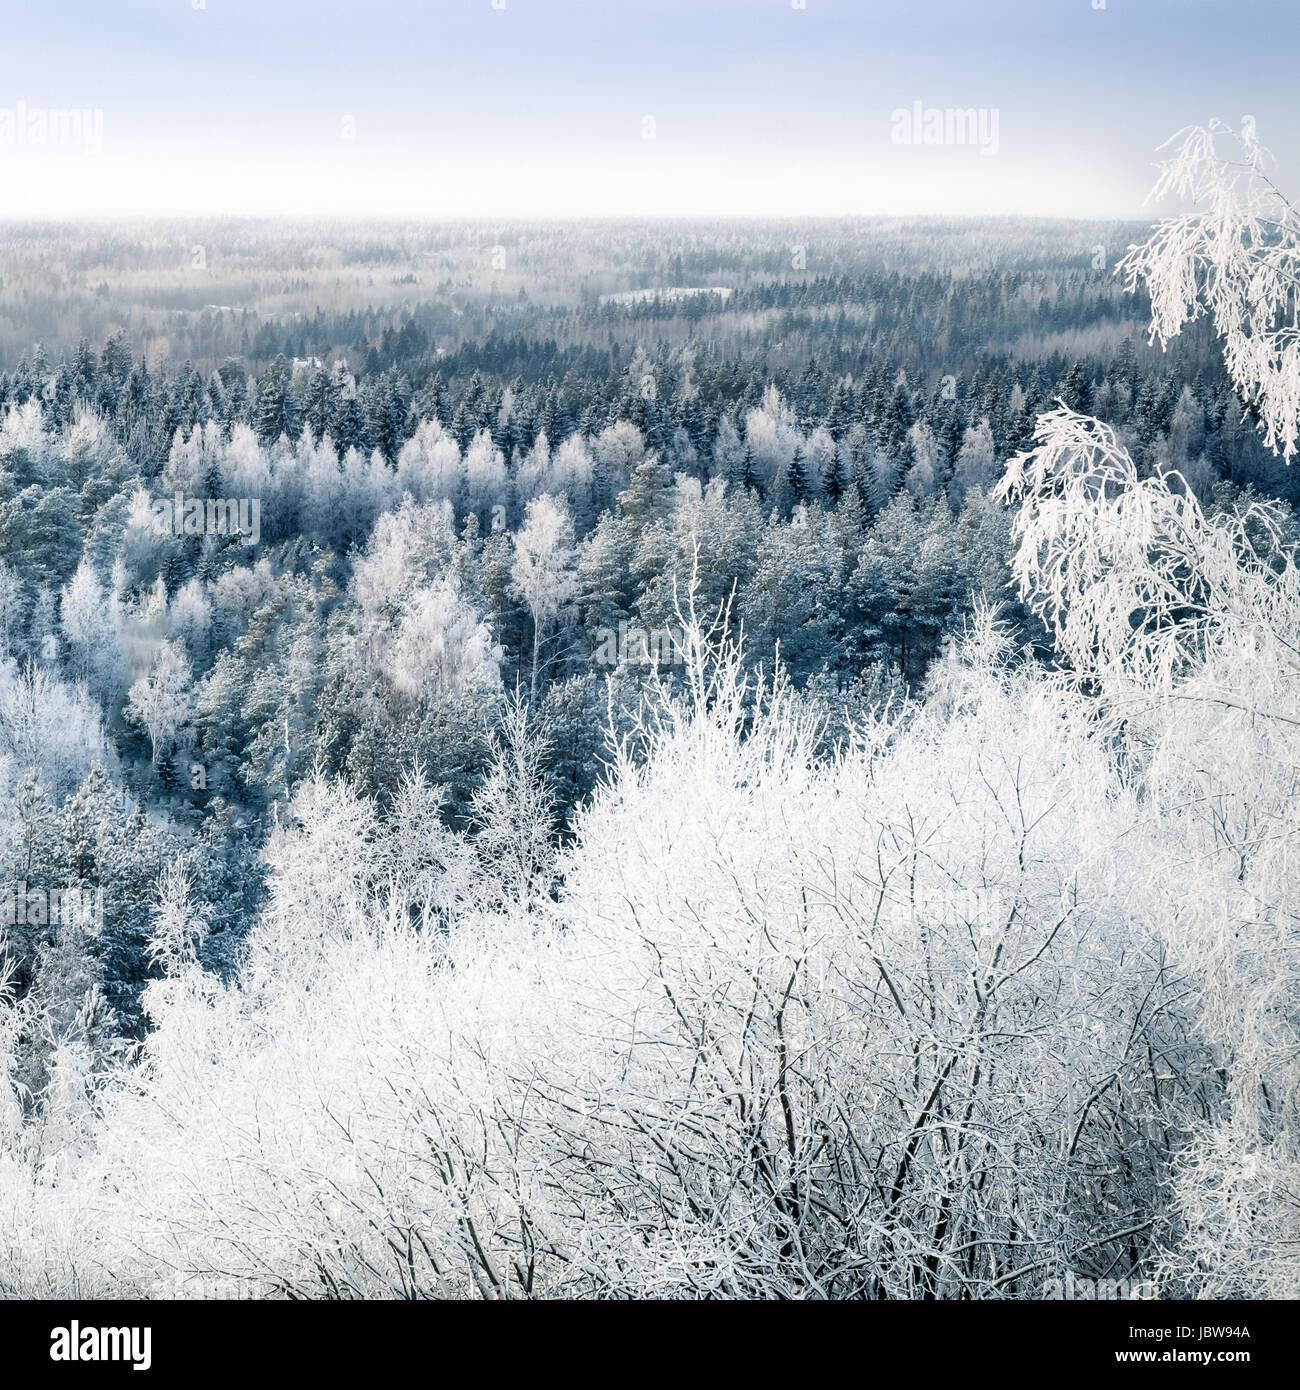 Malerische Landschaft mit Schnee Bäume und Sonnenuntergang am kalten Wintertag Stockbild